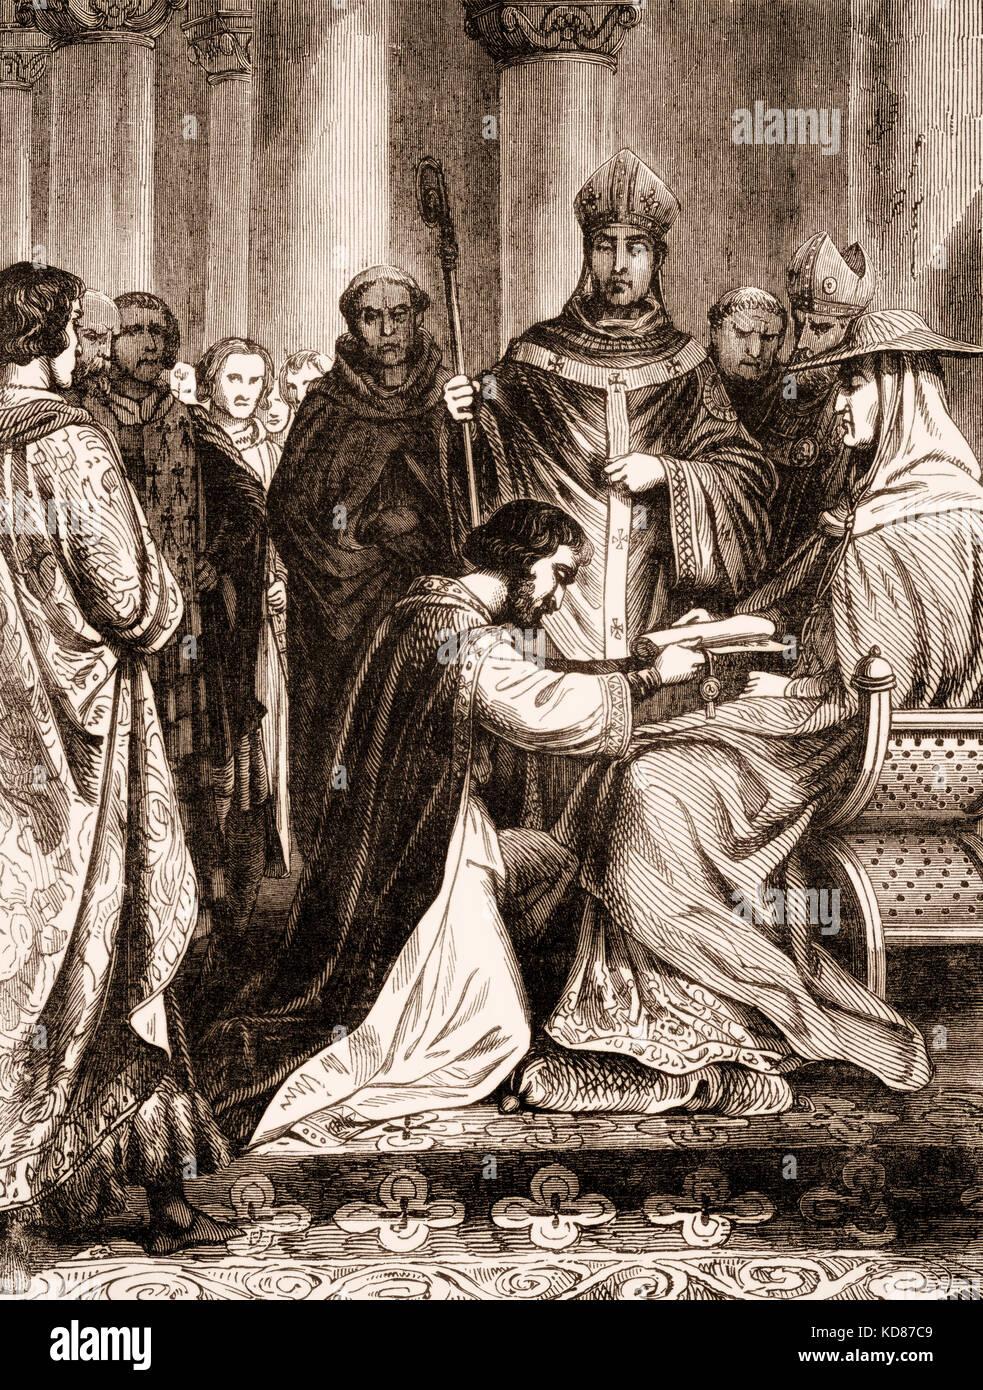 Lothar Ii 835 869 Konig Von Lothringen Kniete Vor Dem Papst Hadrian Ii Stockfotografie Alamy